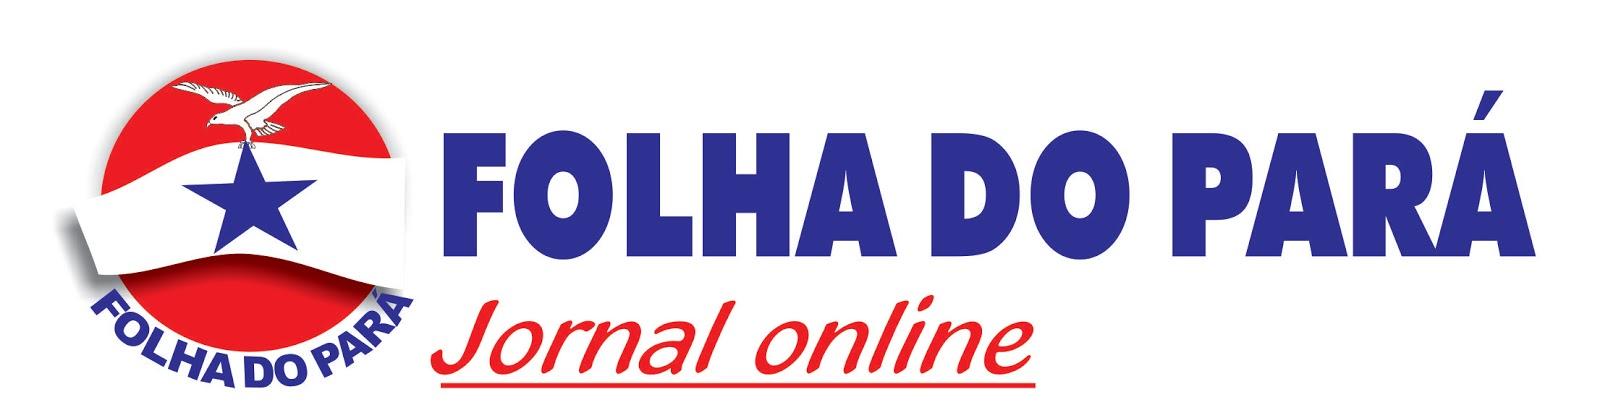 JORNAL FOLHA DO PARÁ ONLINE